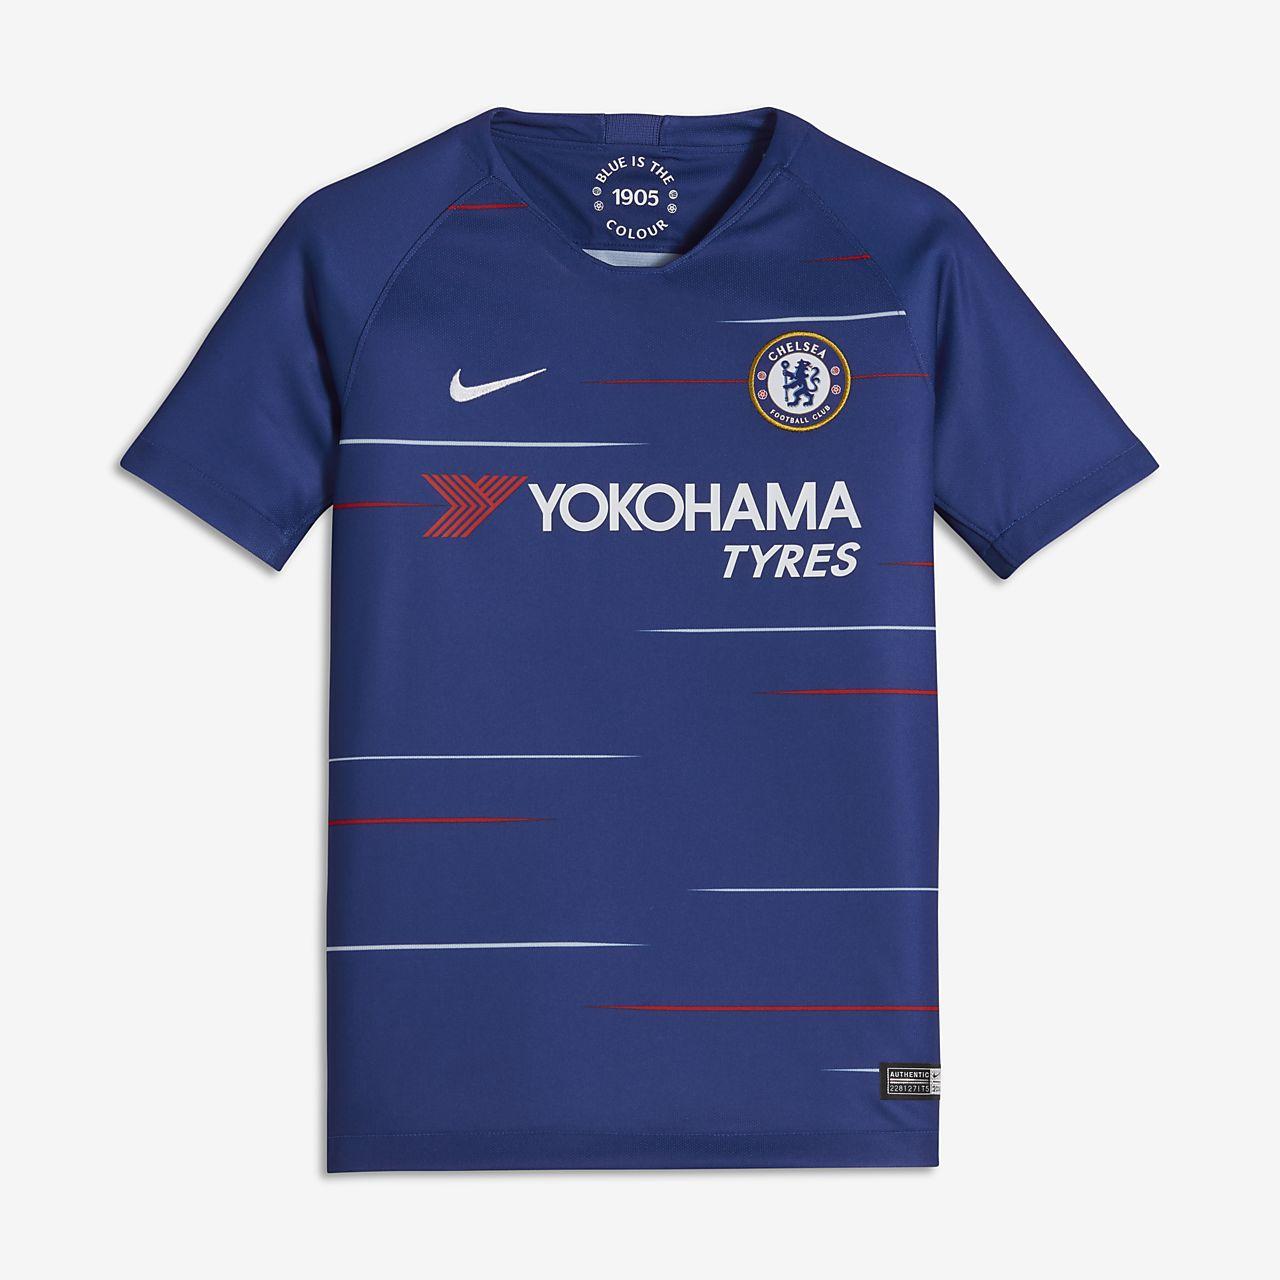 เสื้อแข่งฟุตบอลเด็กโต Chelsea FC Stadium Home ปี 2018/19